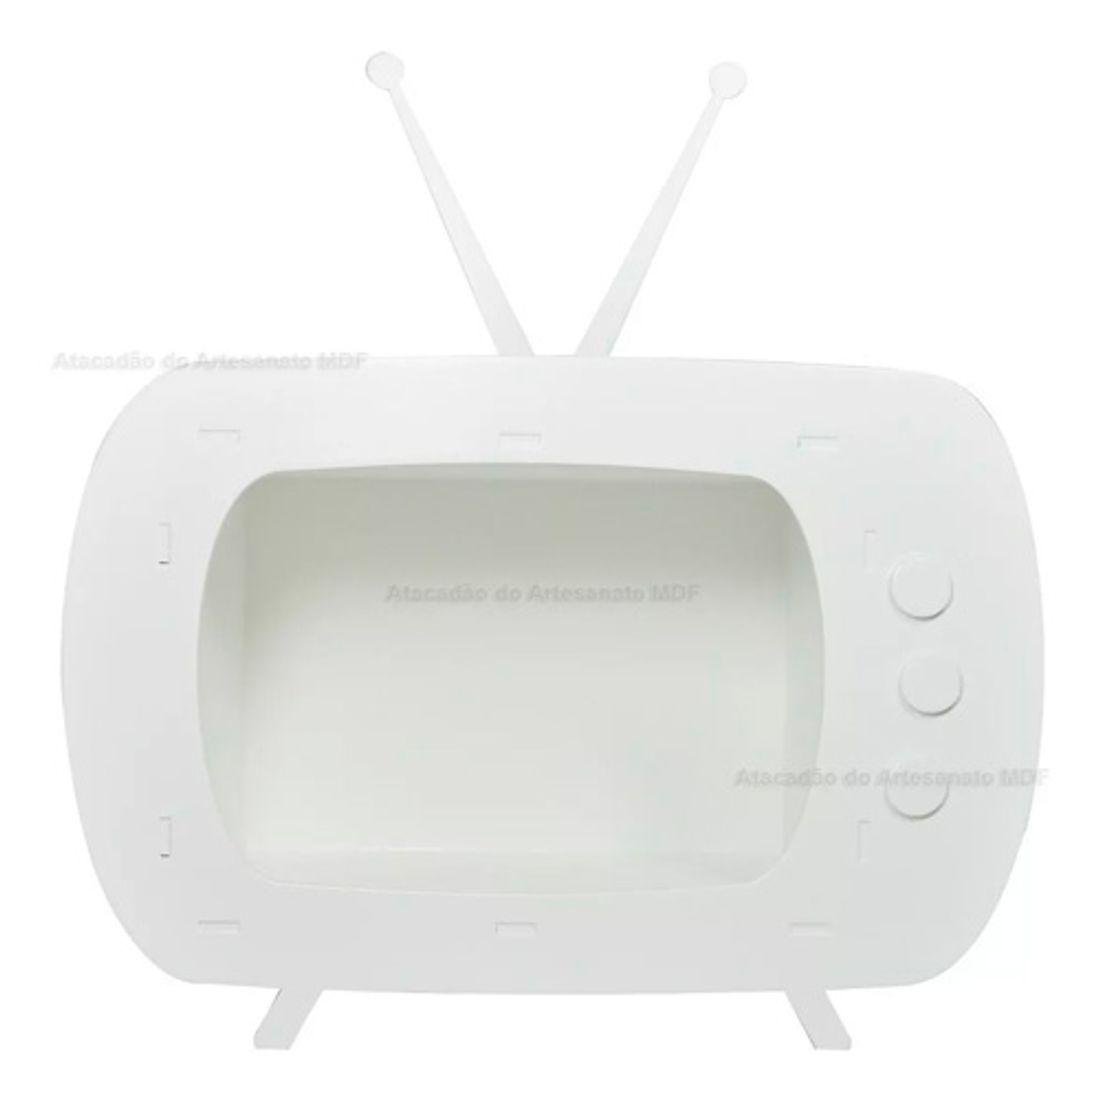 Miniatura-Televisao-Tv-Festa-Decoracao-Pintado-25x18x12-Mdf